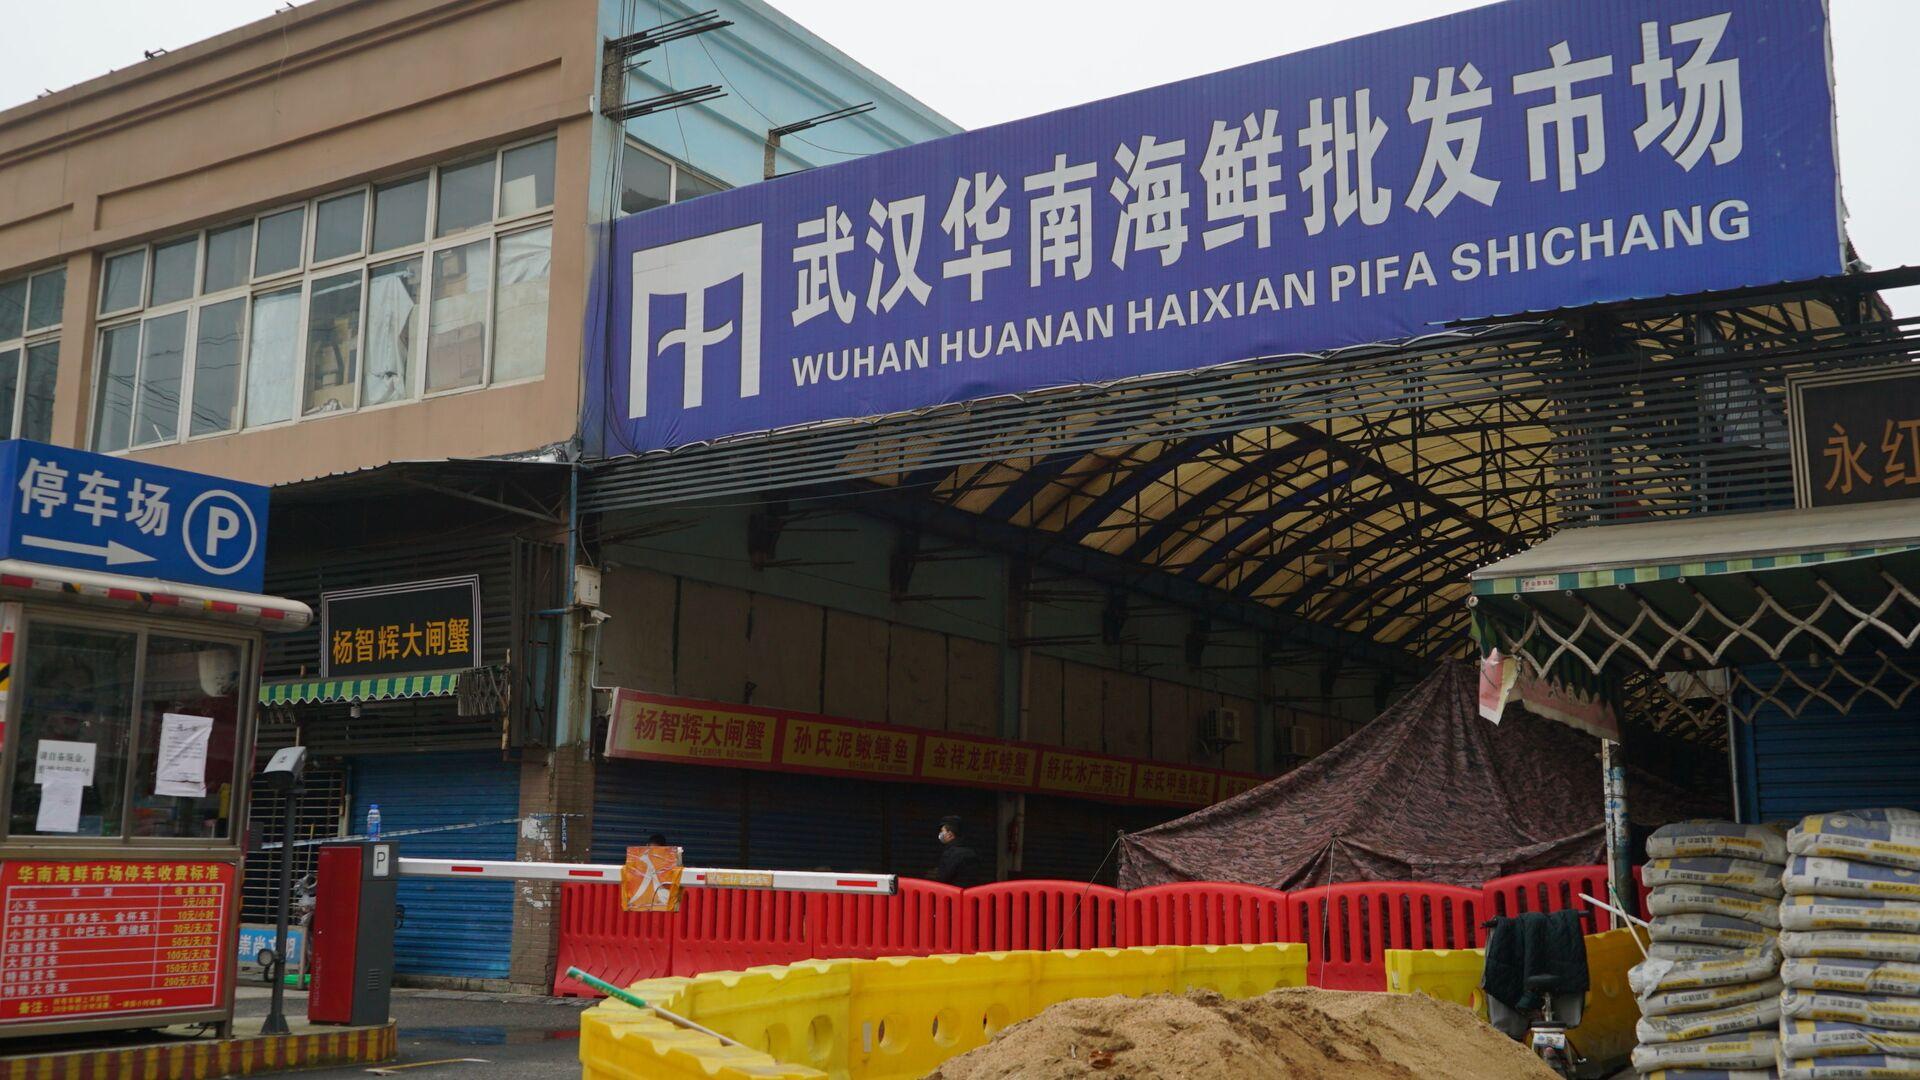 Velkoobchodní trh s mořskými plody Wu-chan Huanan, kde řada lidí souvisejících s trhem onemocněla virem - Sputnik Česká republika, 1920, 09.02.2021